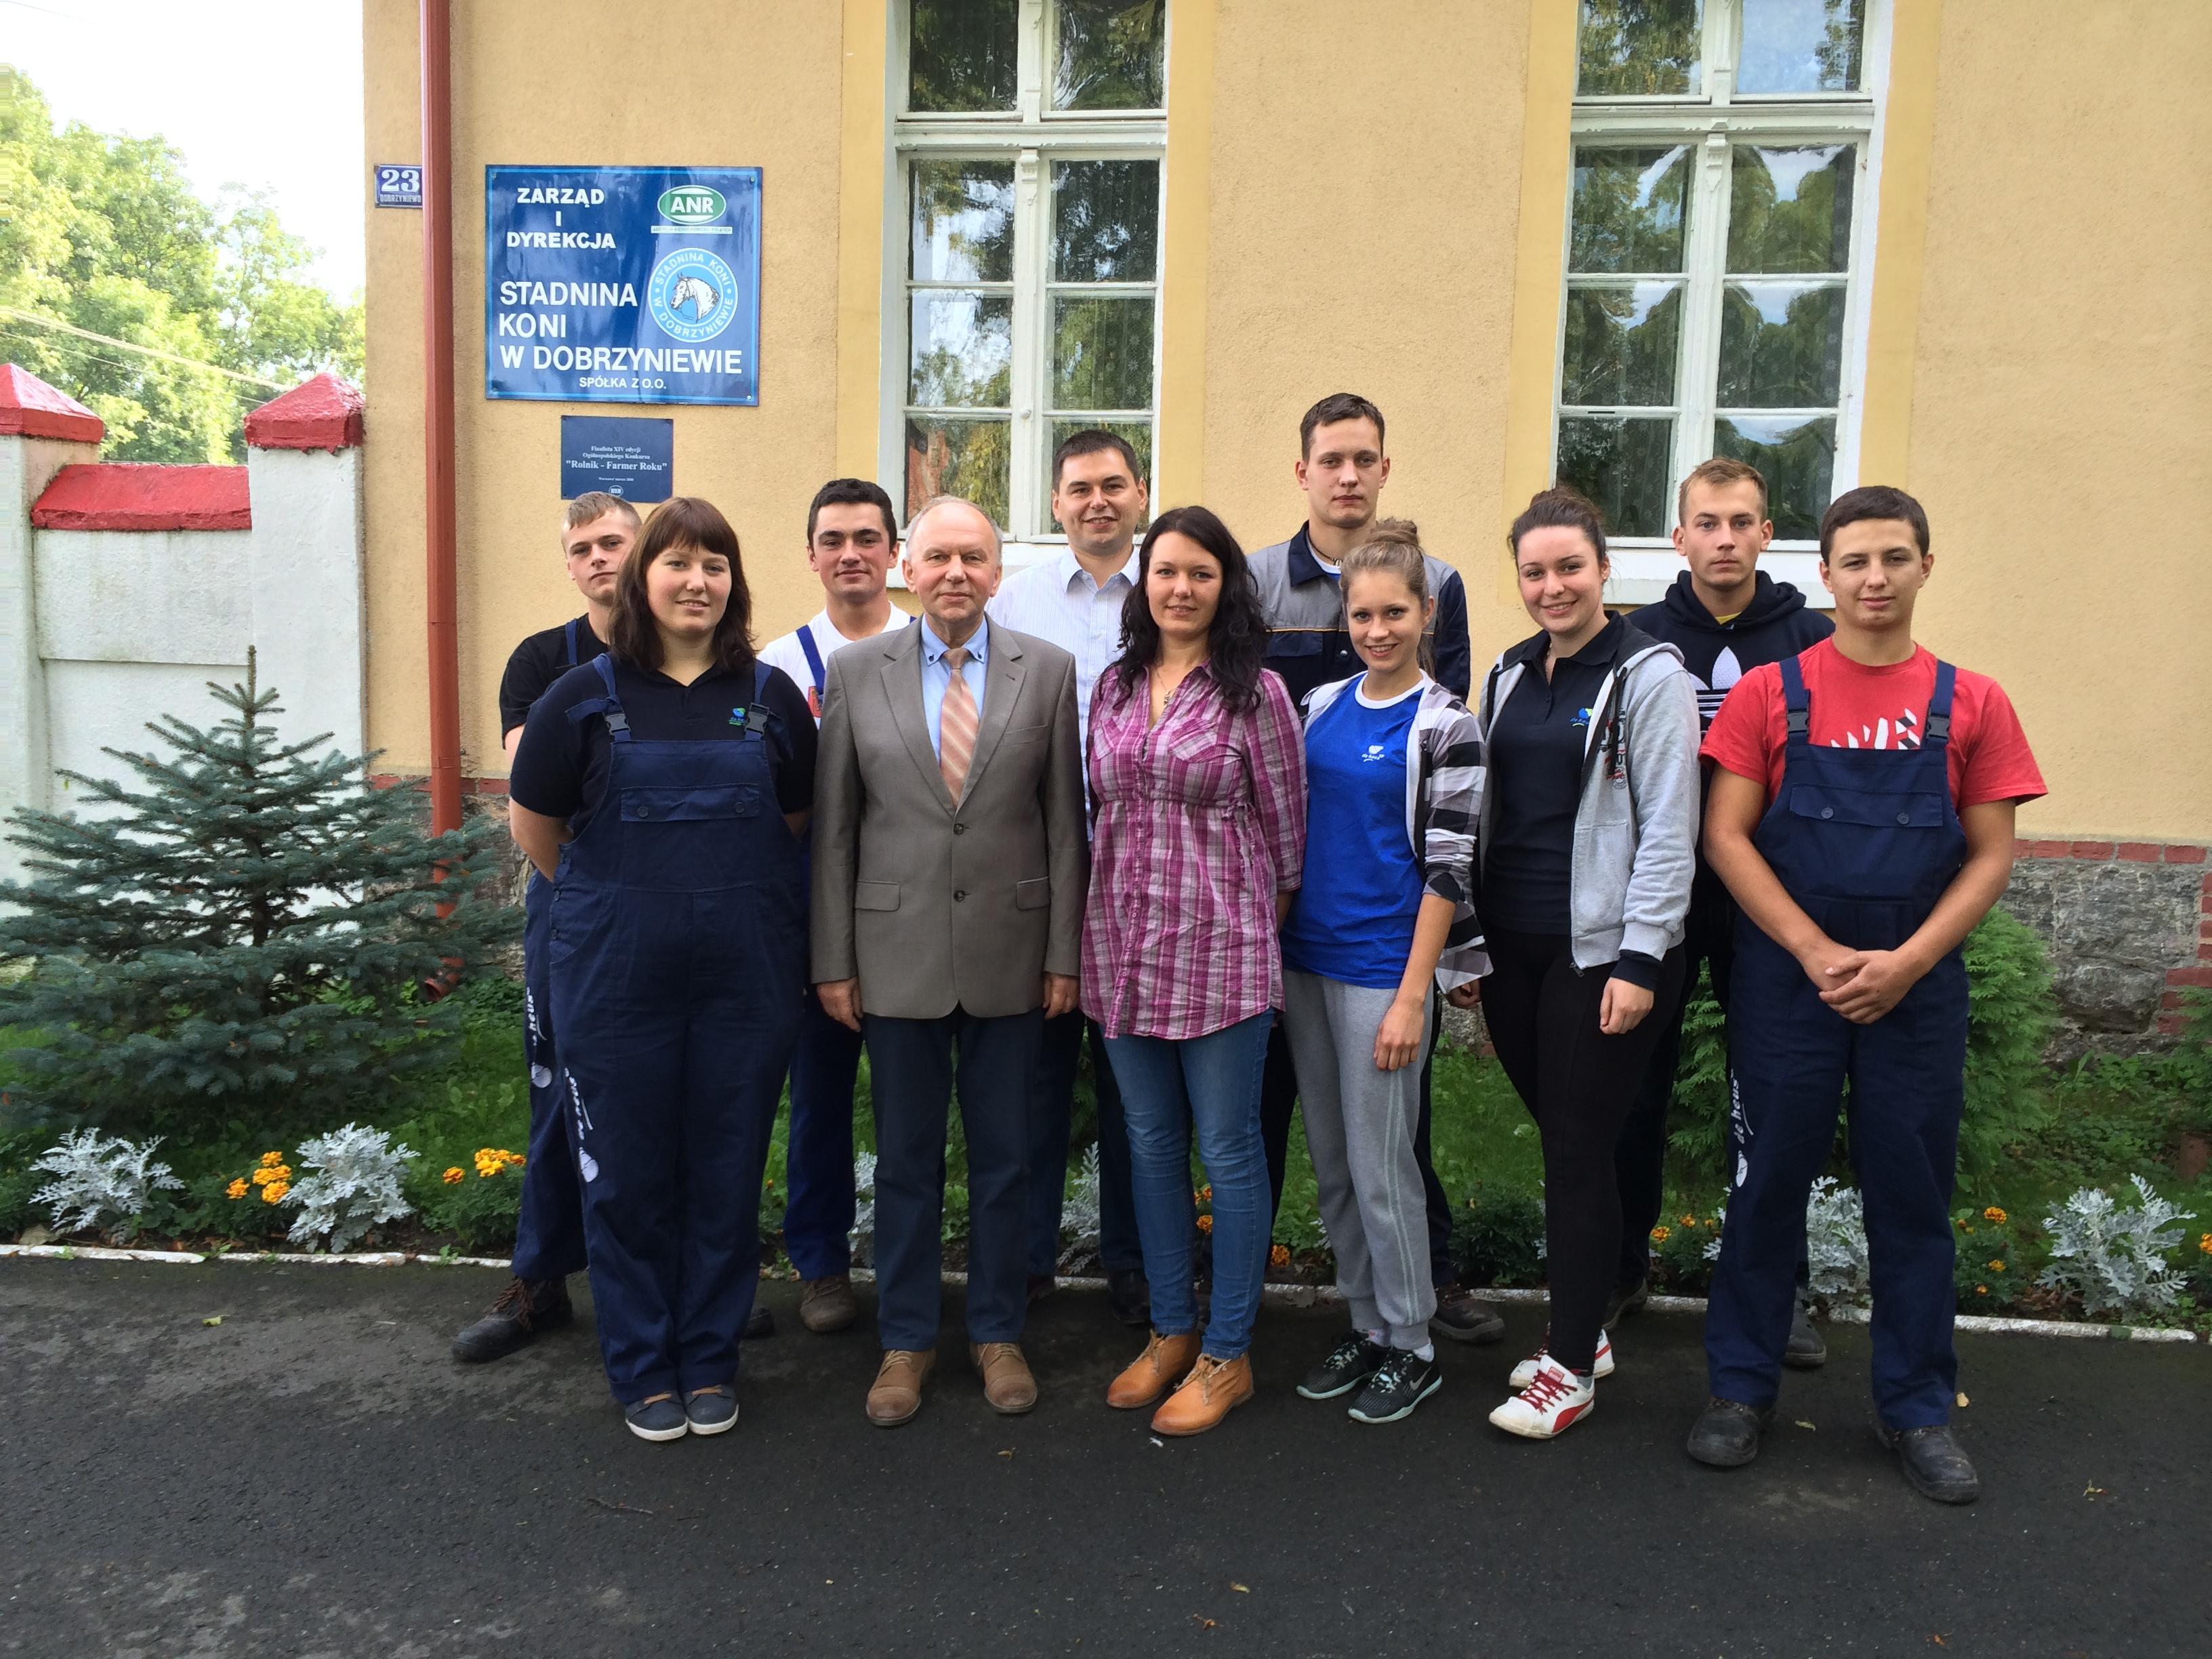 """Szkolenie Fundacji """"Młody Hodowca"""" w Dobrzyniewie"""